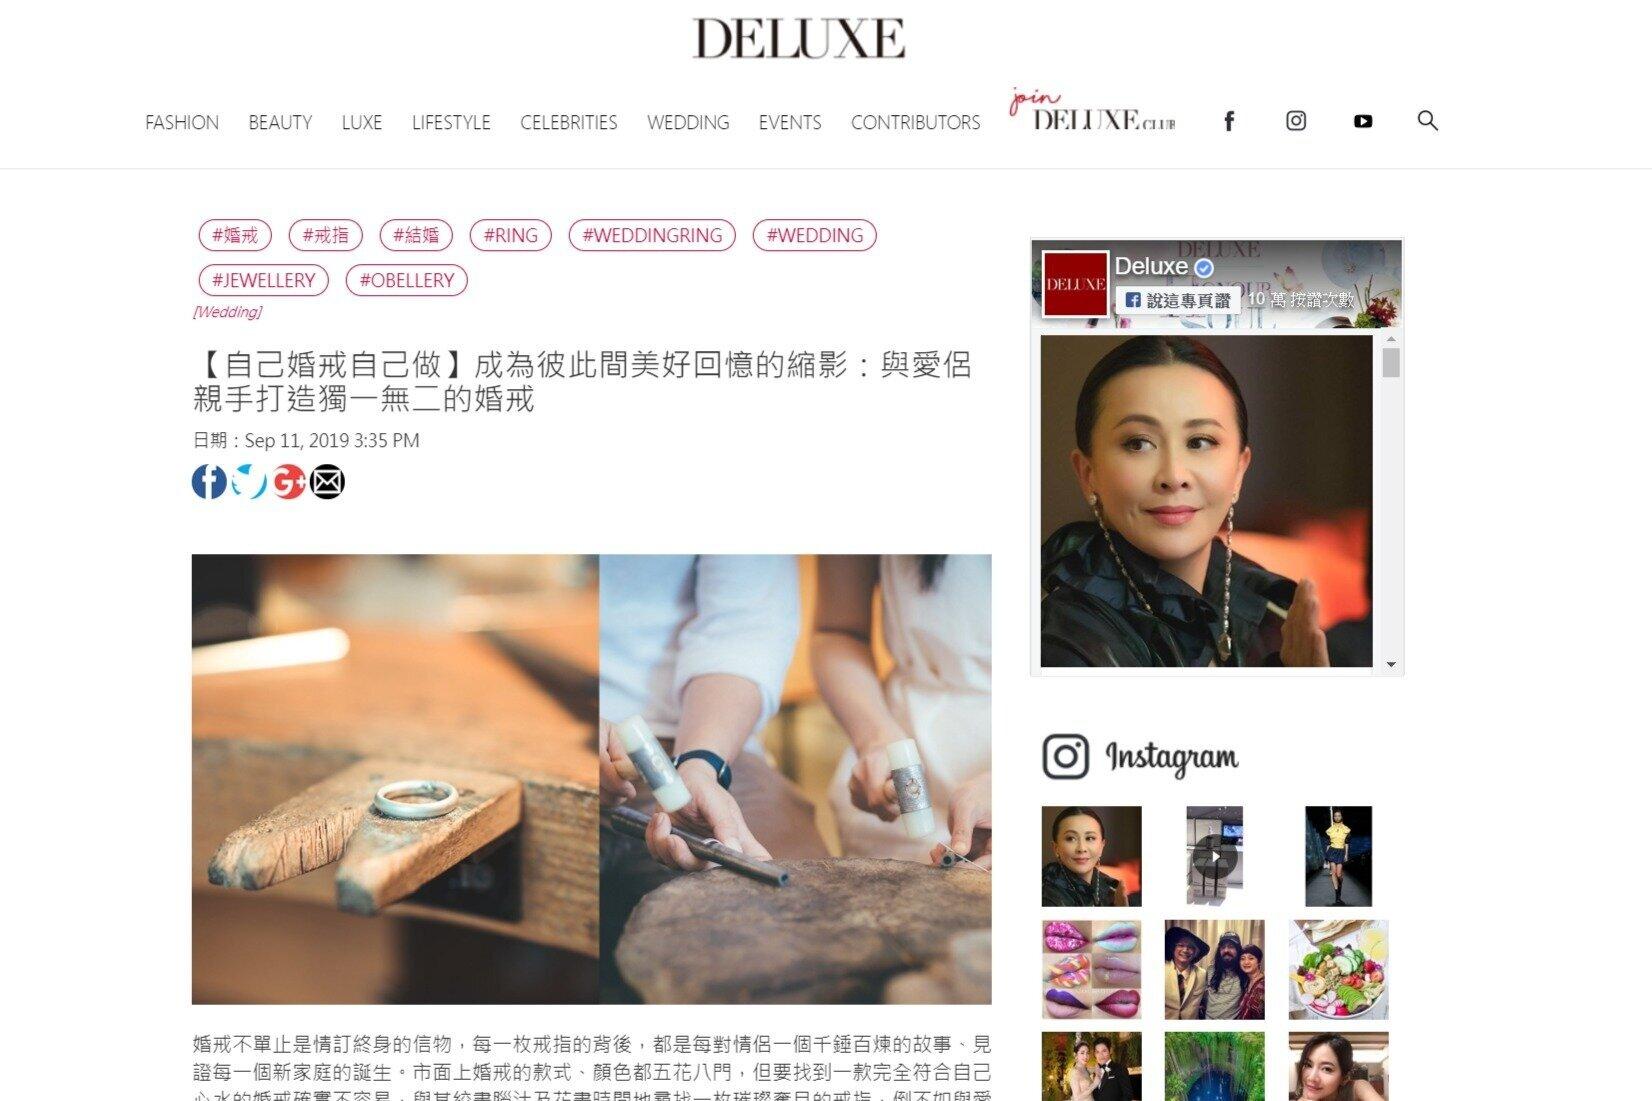 20190911_DELUXE+Online.jpg